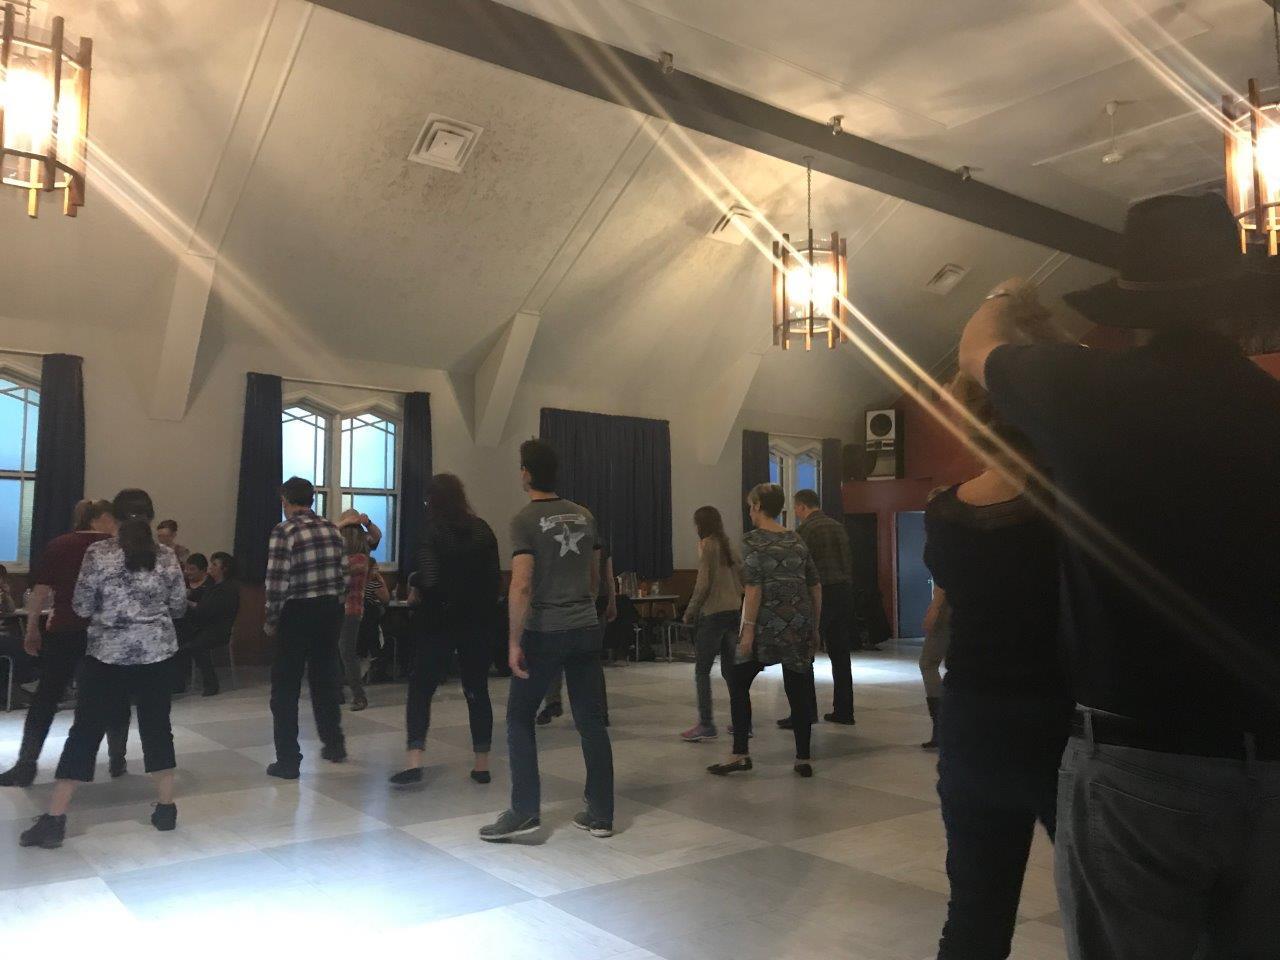 2017-05-09 Soirée pratique à Vaudreuil-Dorion (17)